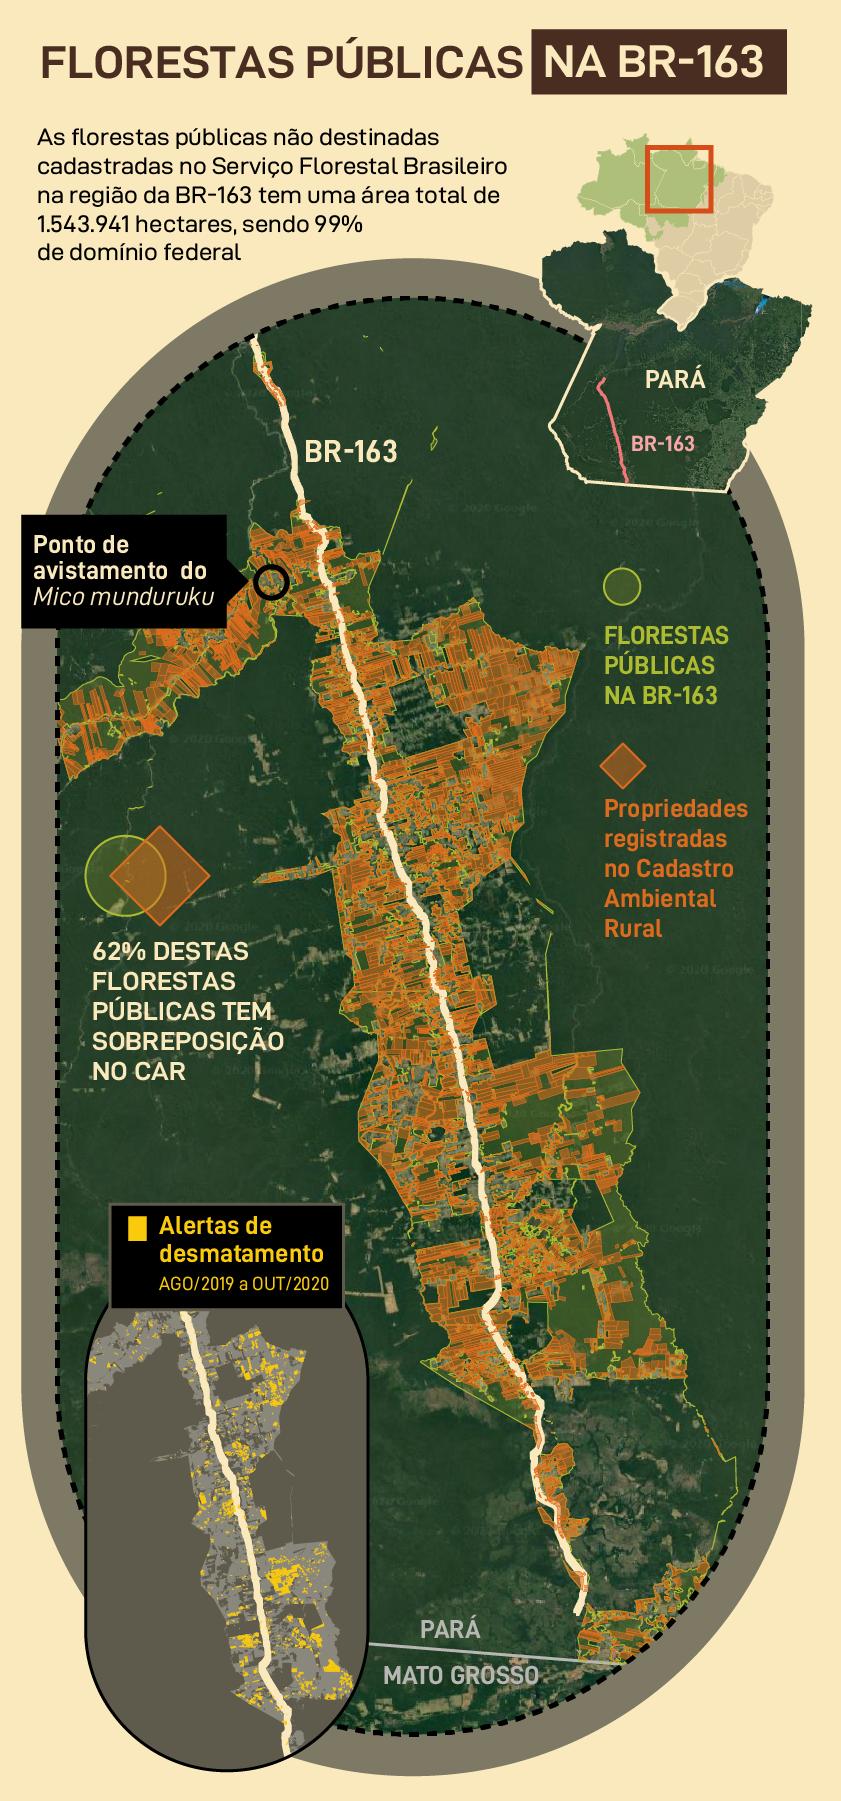 Florestas públicas na BR-163